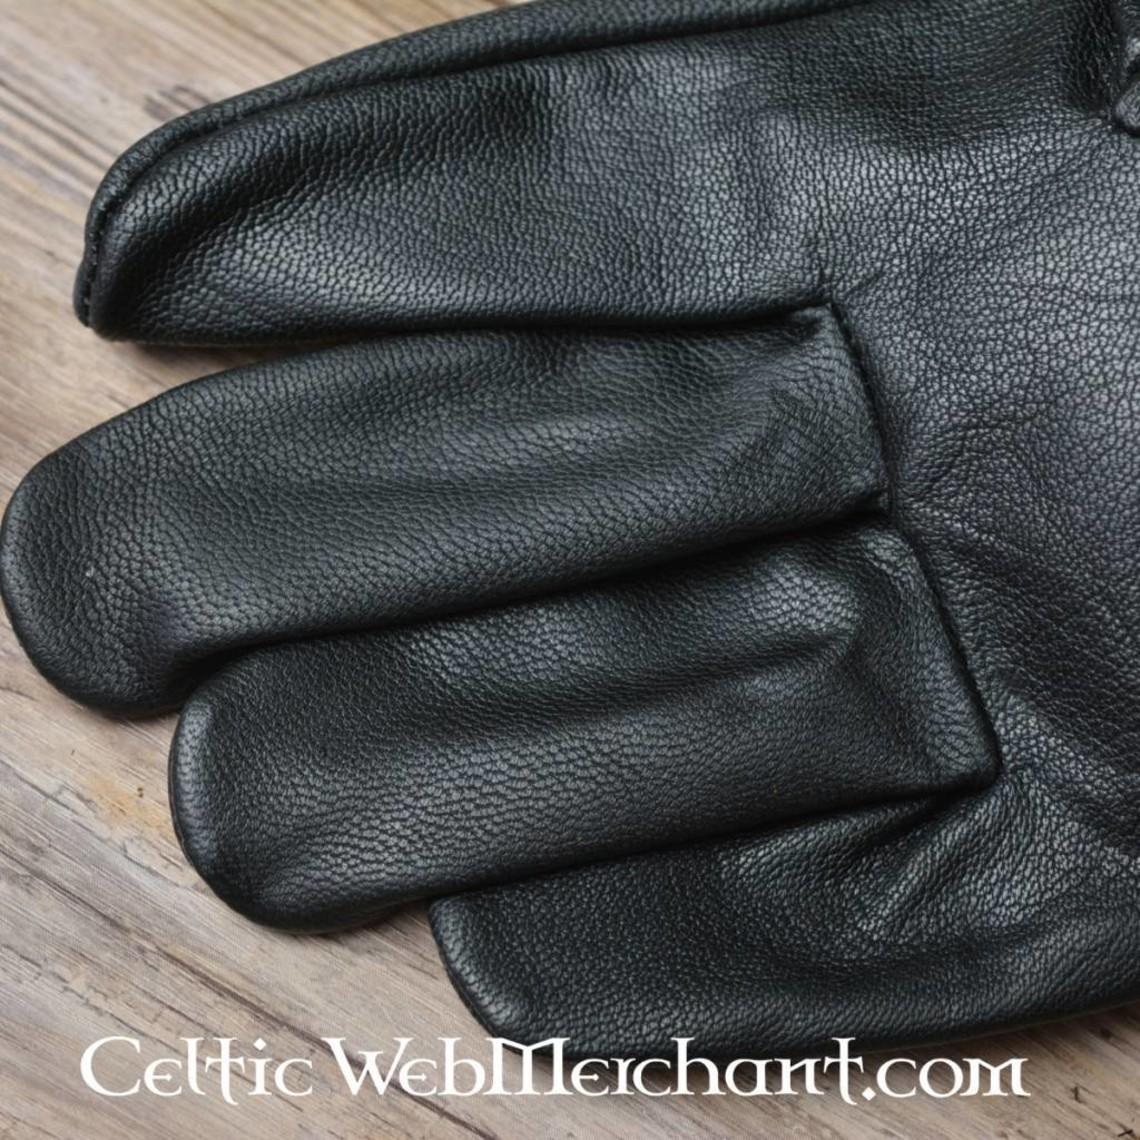 Ged læderhandsker